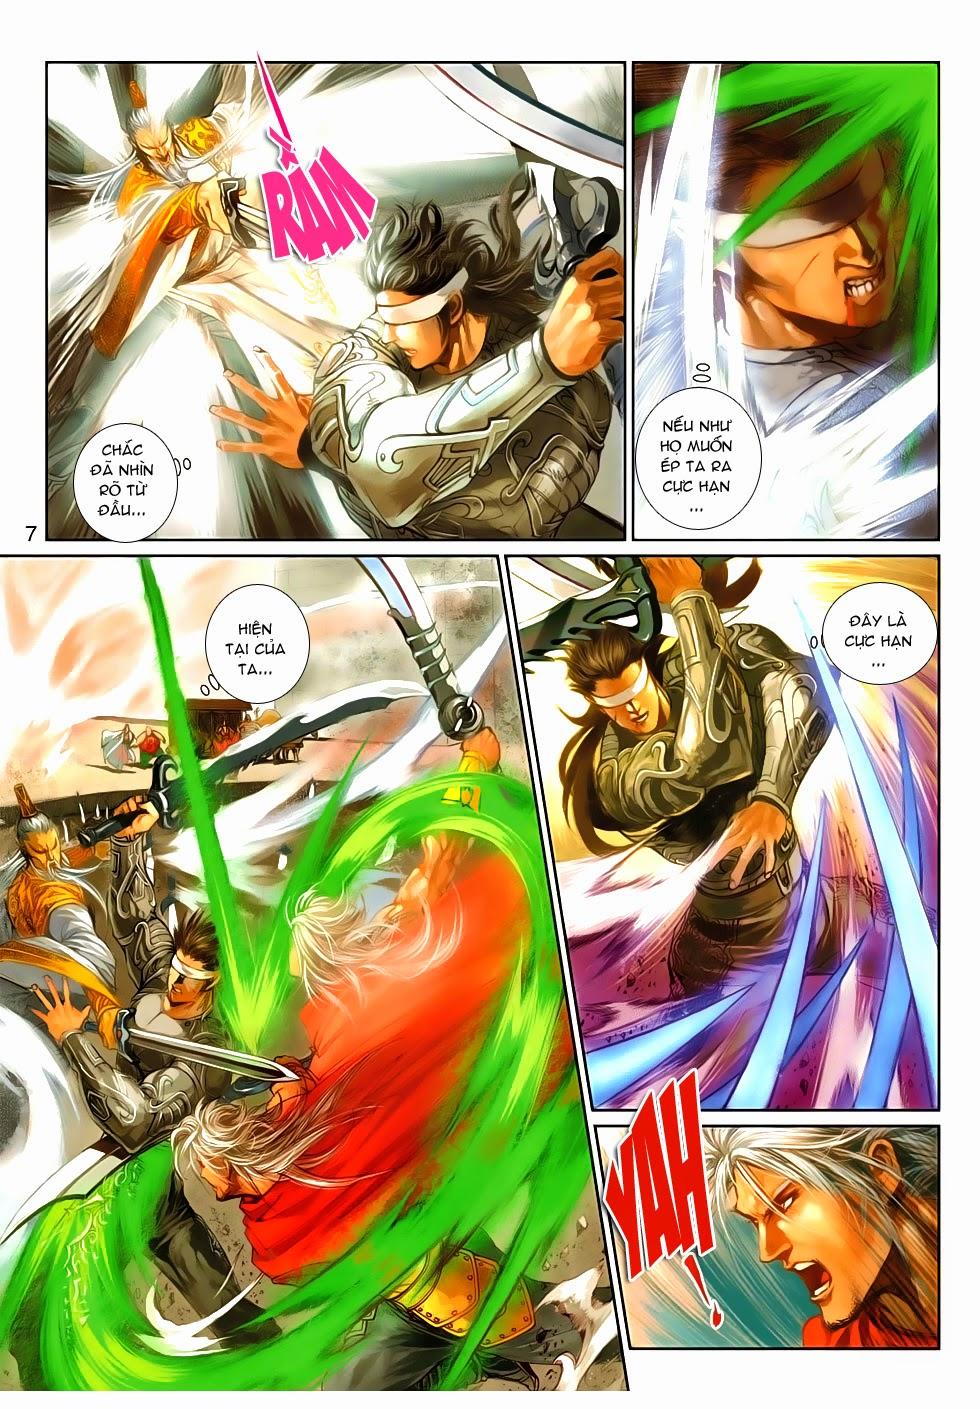 Thần Binh Tiền Truyện 4 - Huyền Thiên Tà Đế chap 9 - Trang 7